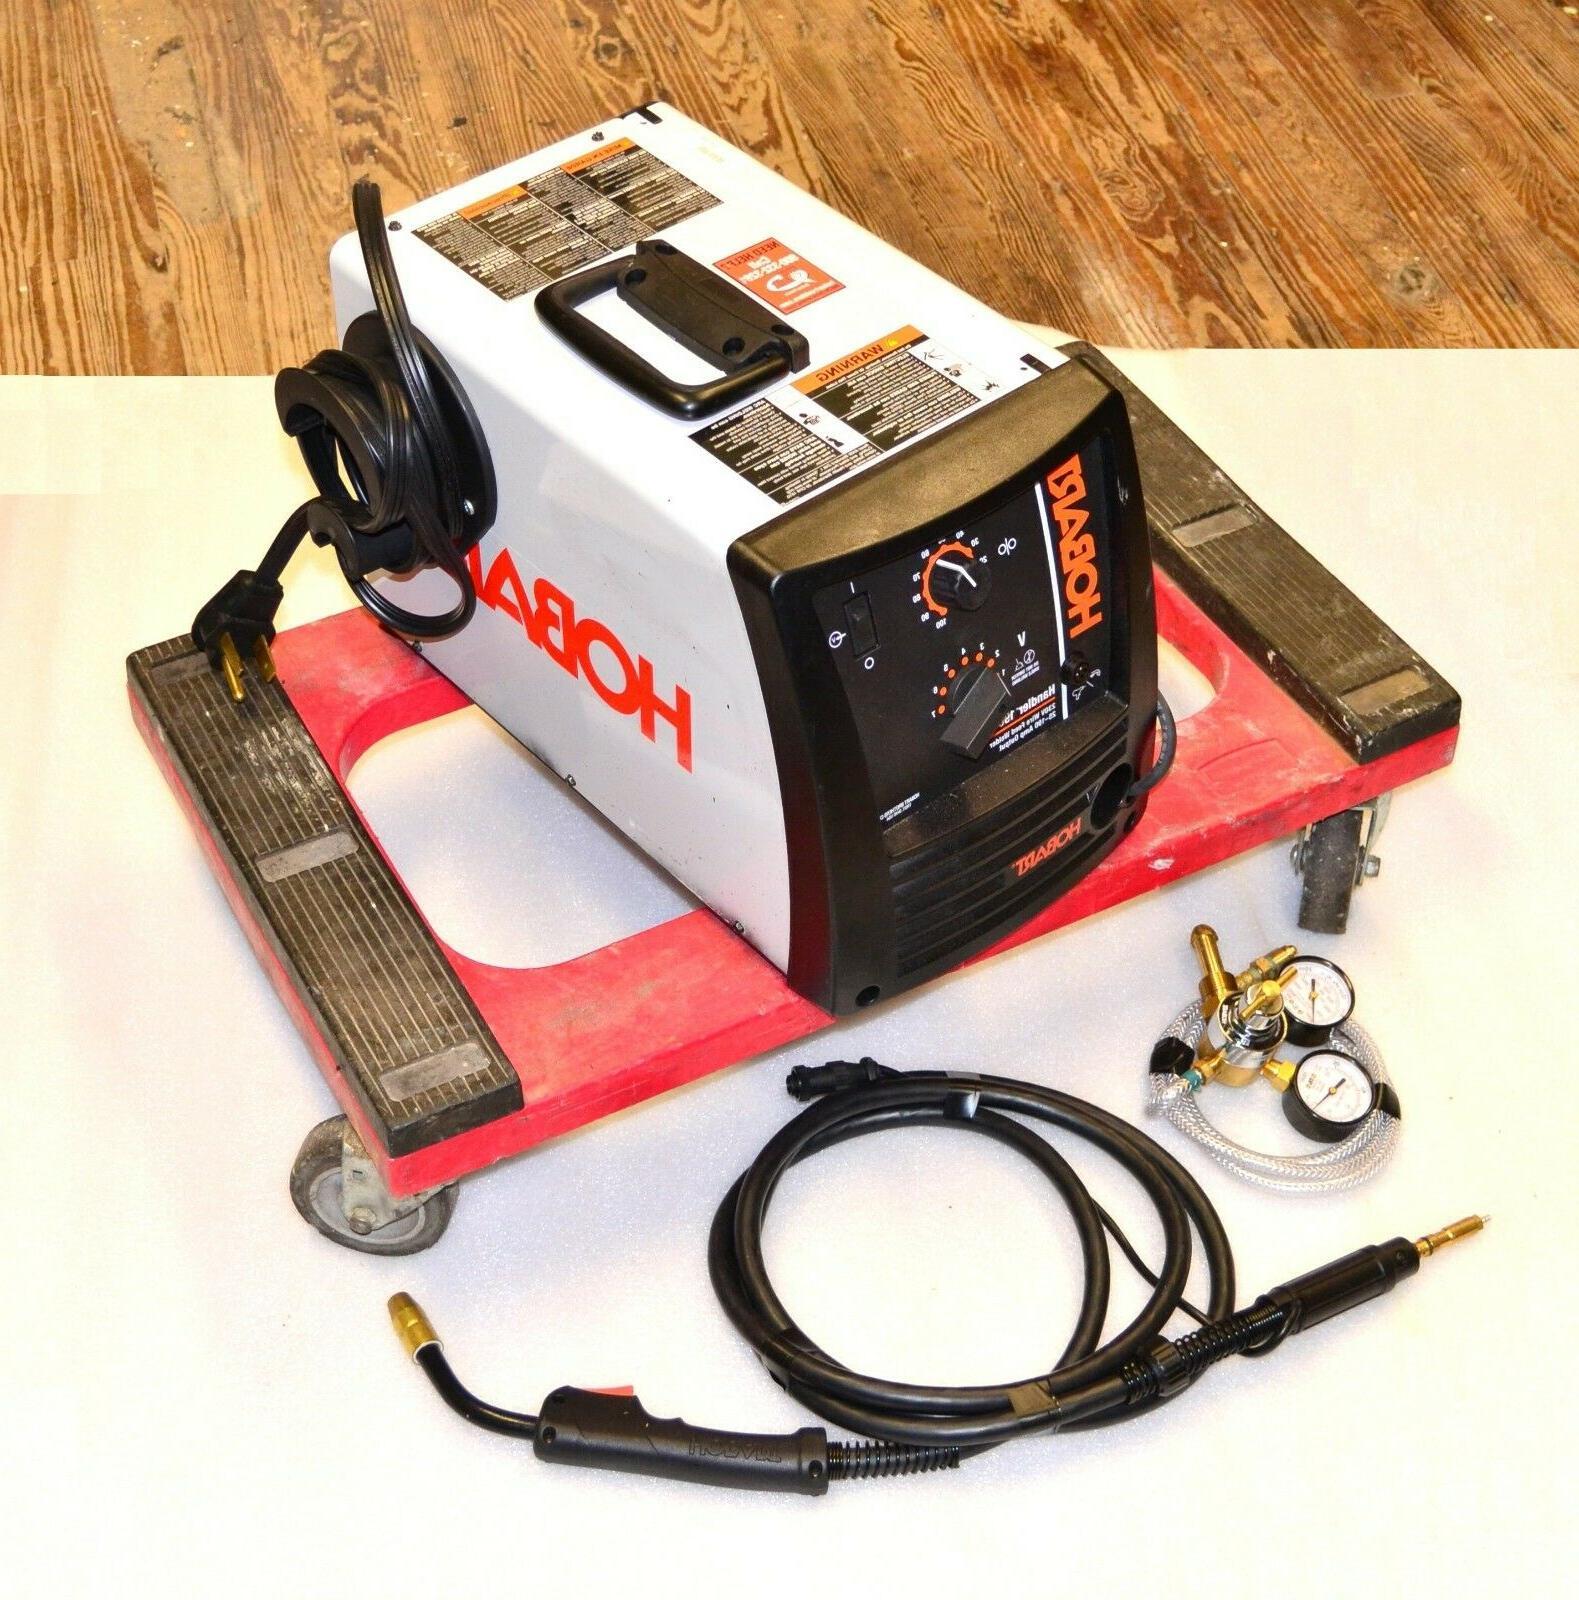 230v 190 amp flux core mig welder